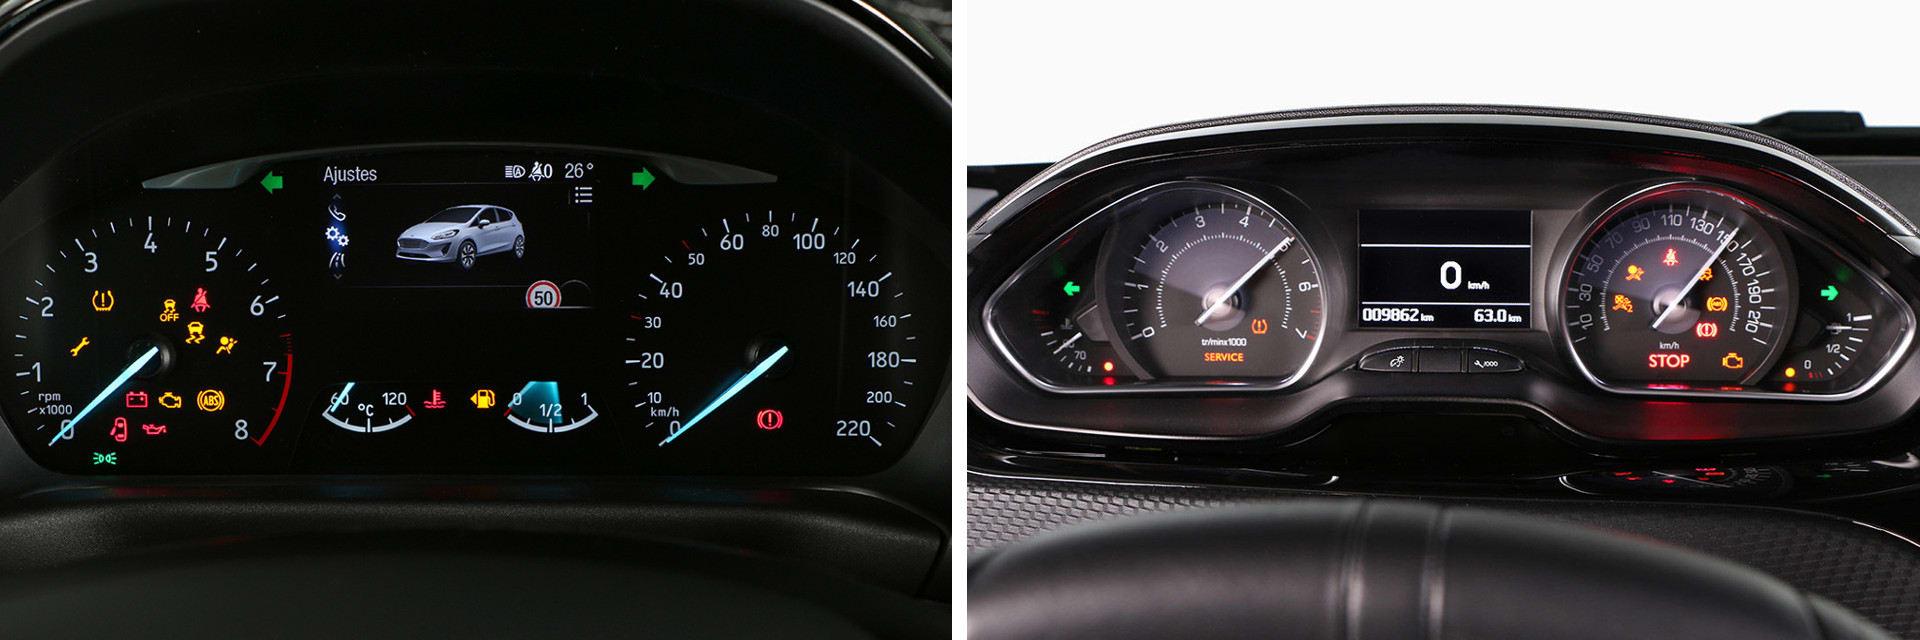 La instrumentación del Ford Fiesta (izquierda) se ve a través del aro volante, la del Peugeot 208 (derecha) se ve por encima de él.